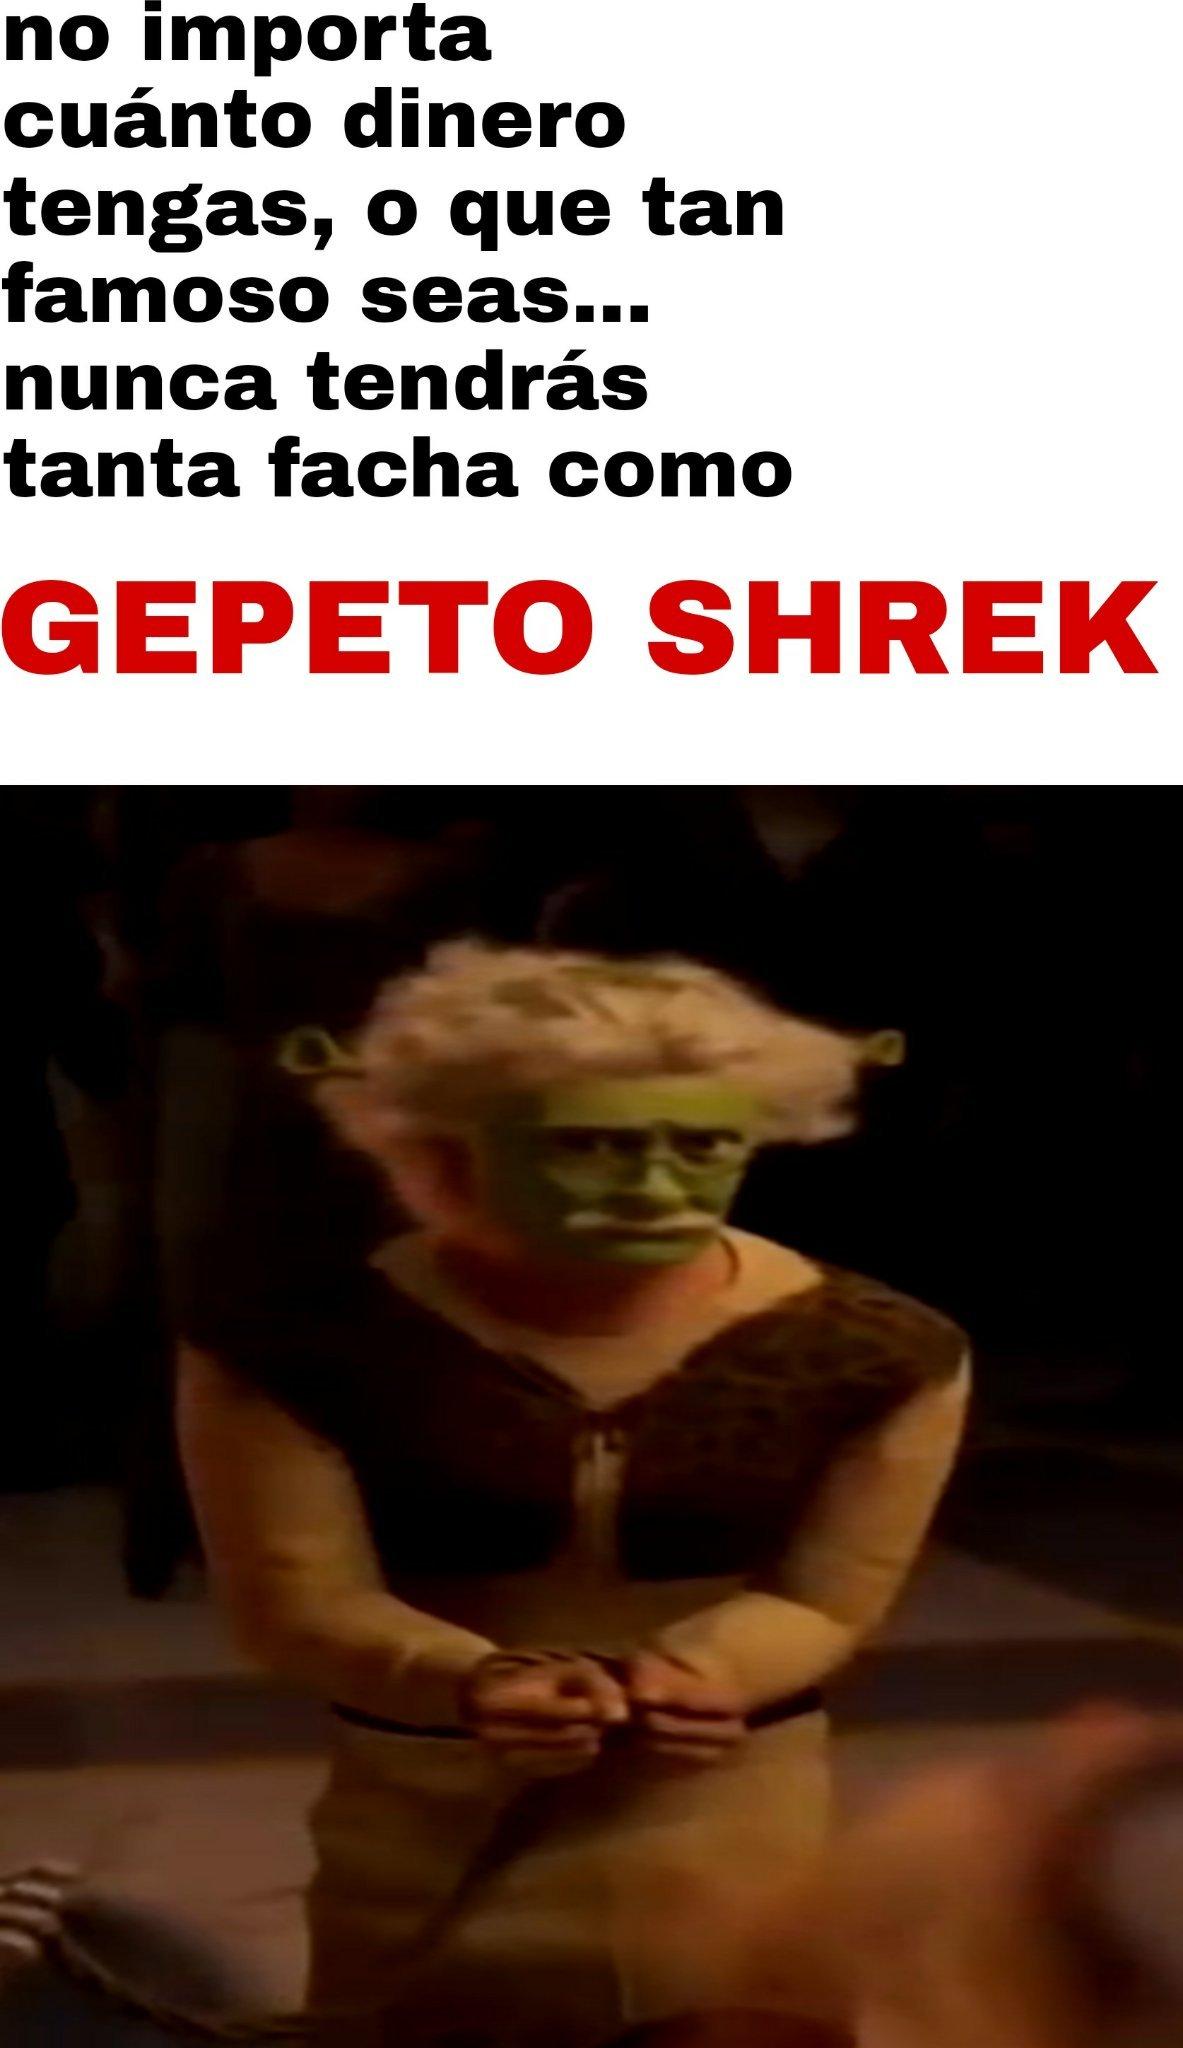 GEPETO SHREK - meme